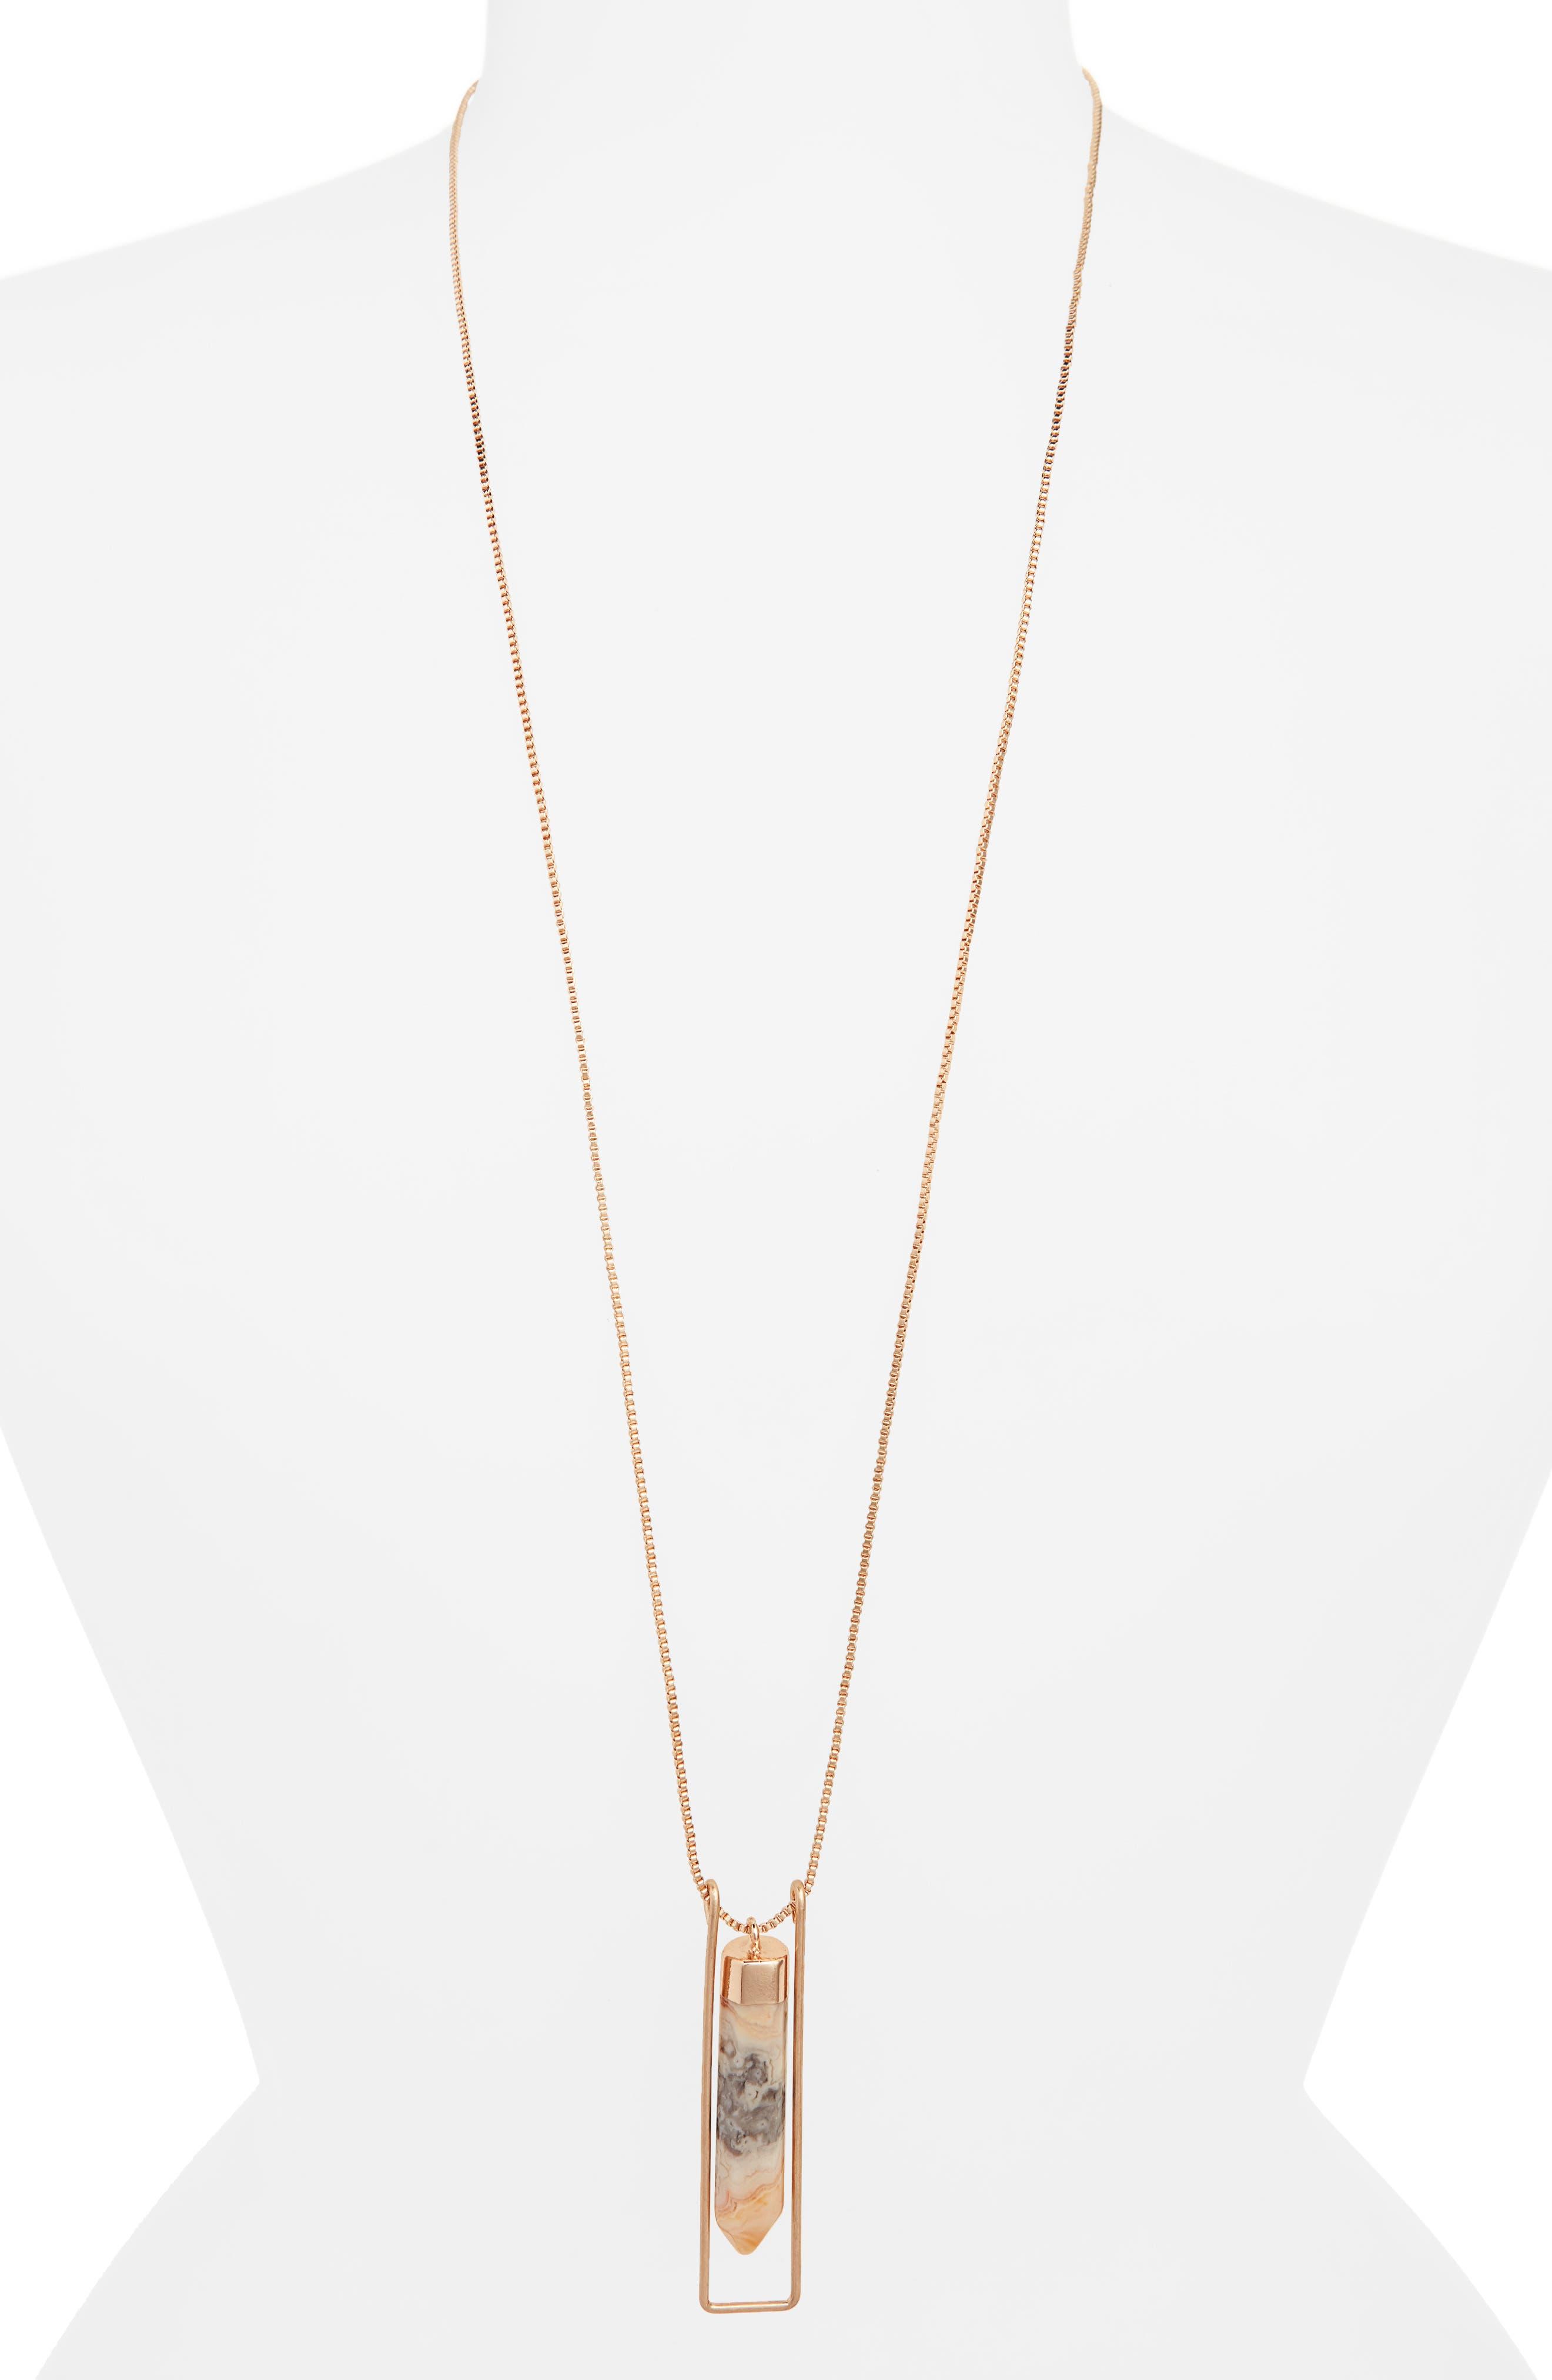 Caged Quartz Pendant Necklace,                         Main,                         color, NATURAL- GOLD